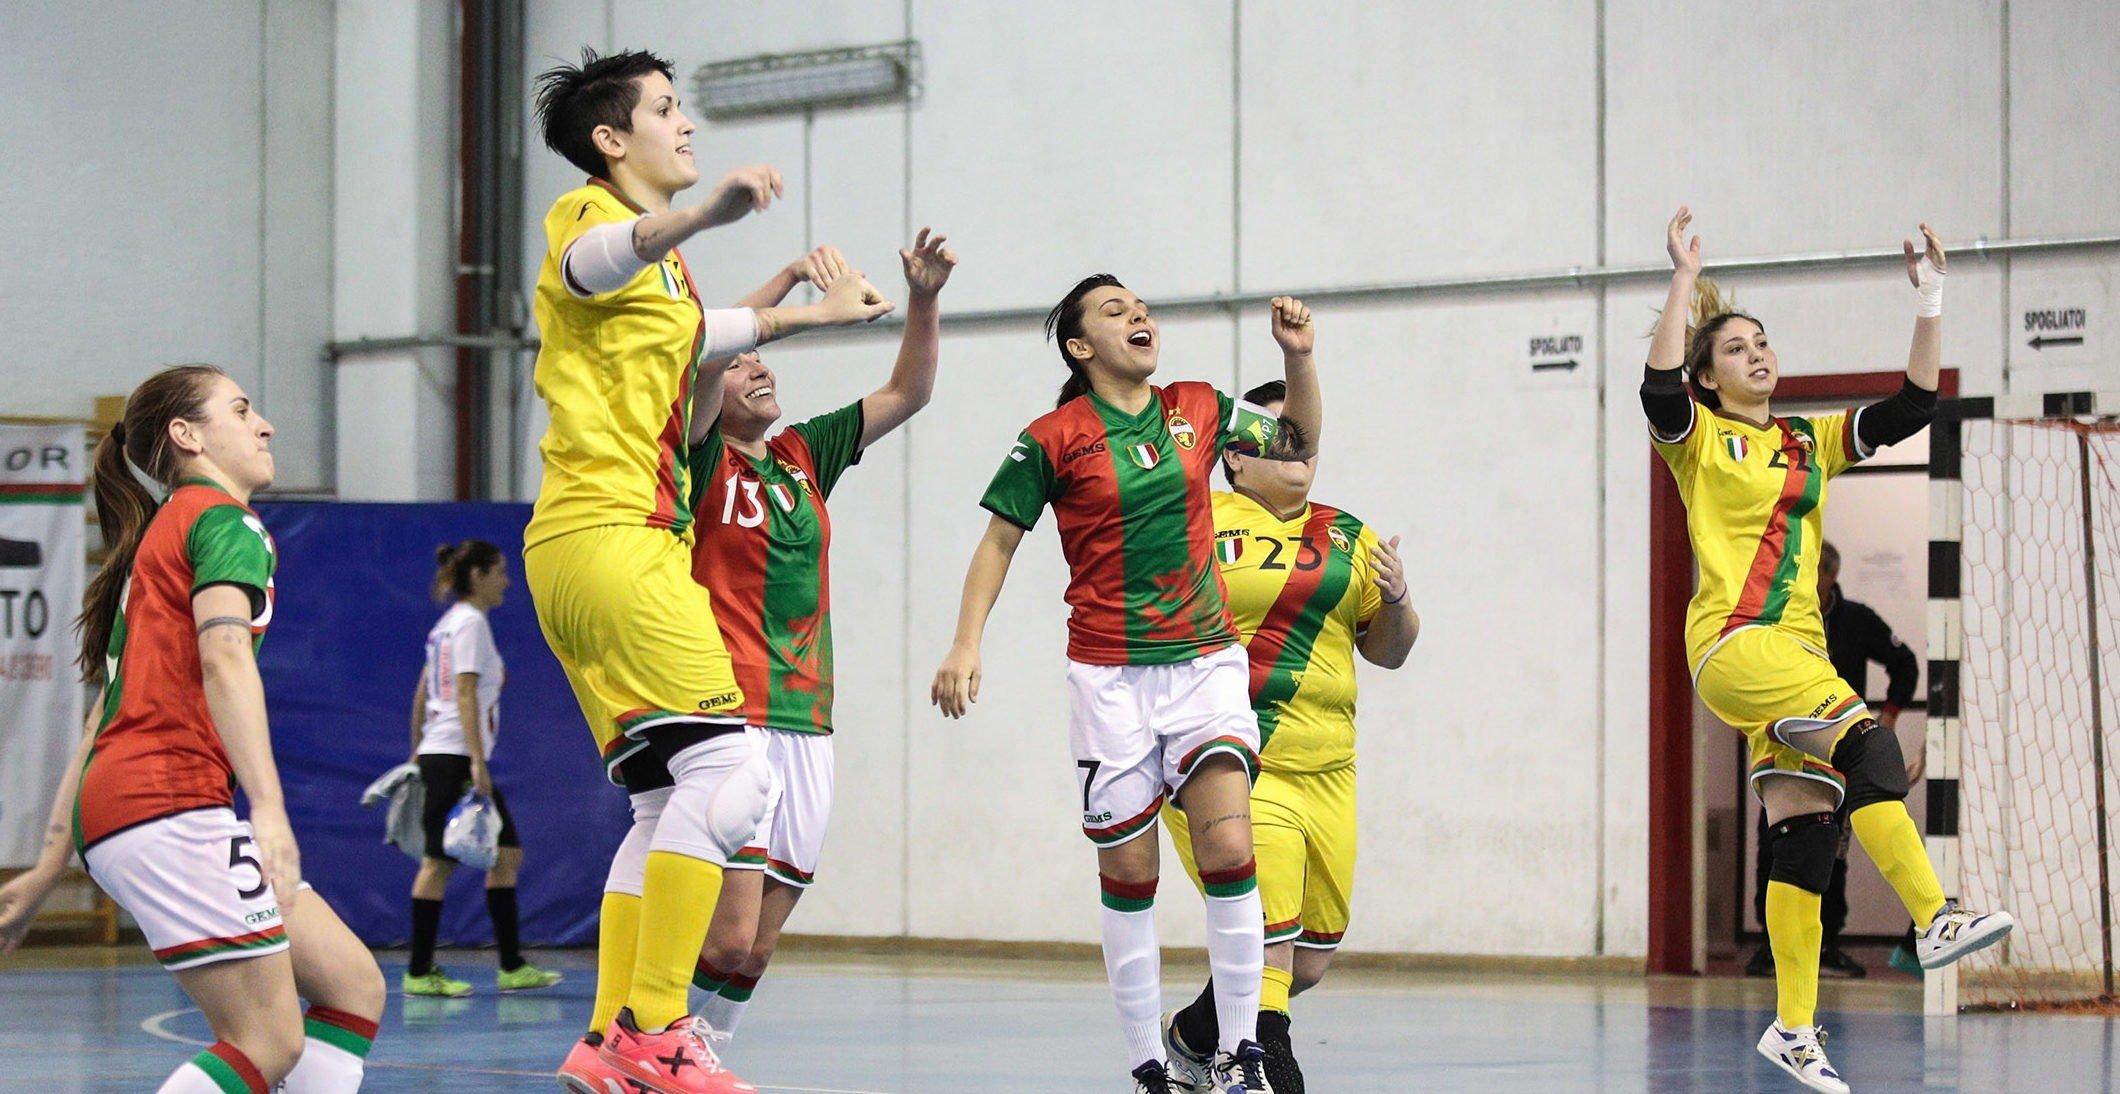 ternana celebrity femminile calcio a 5